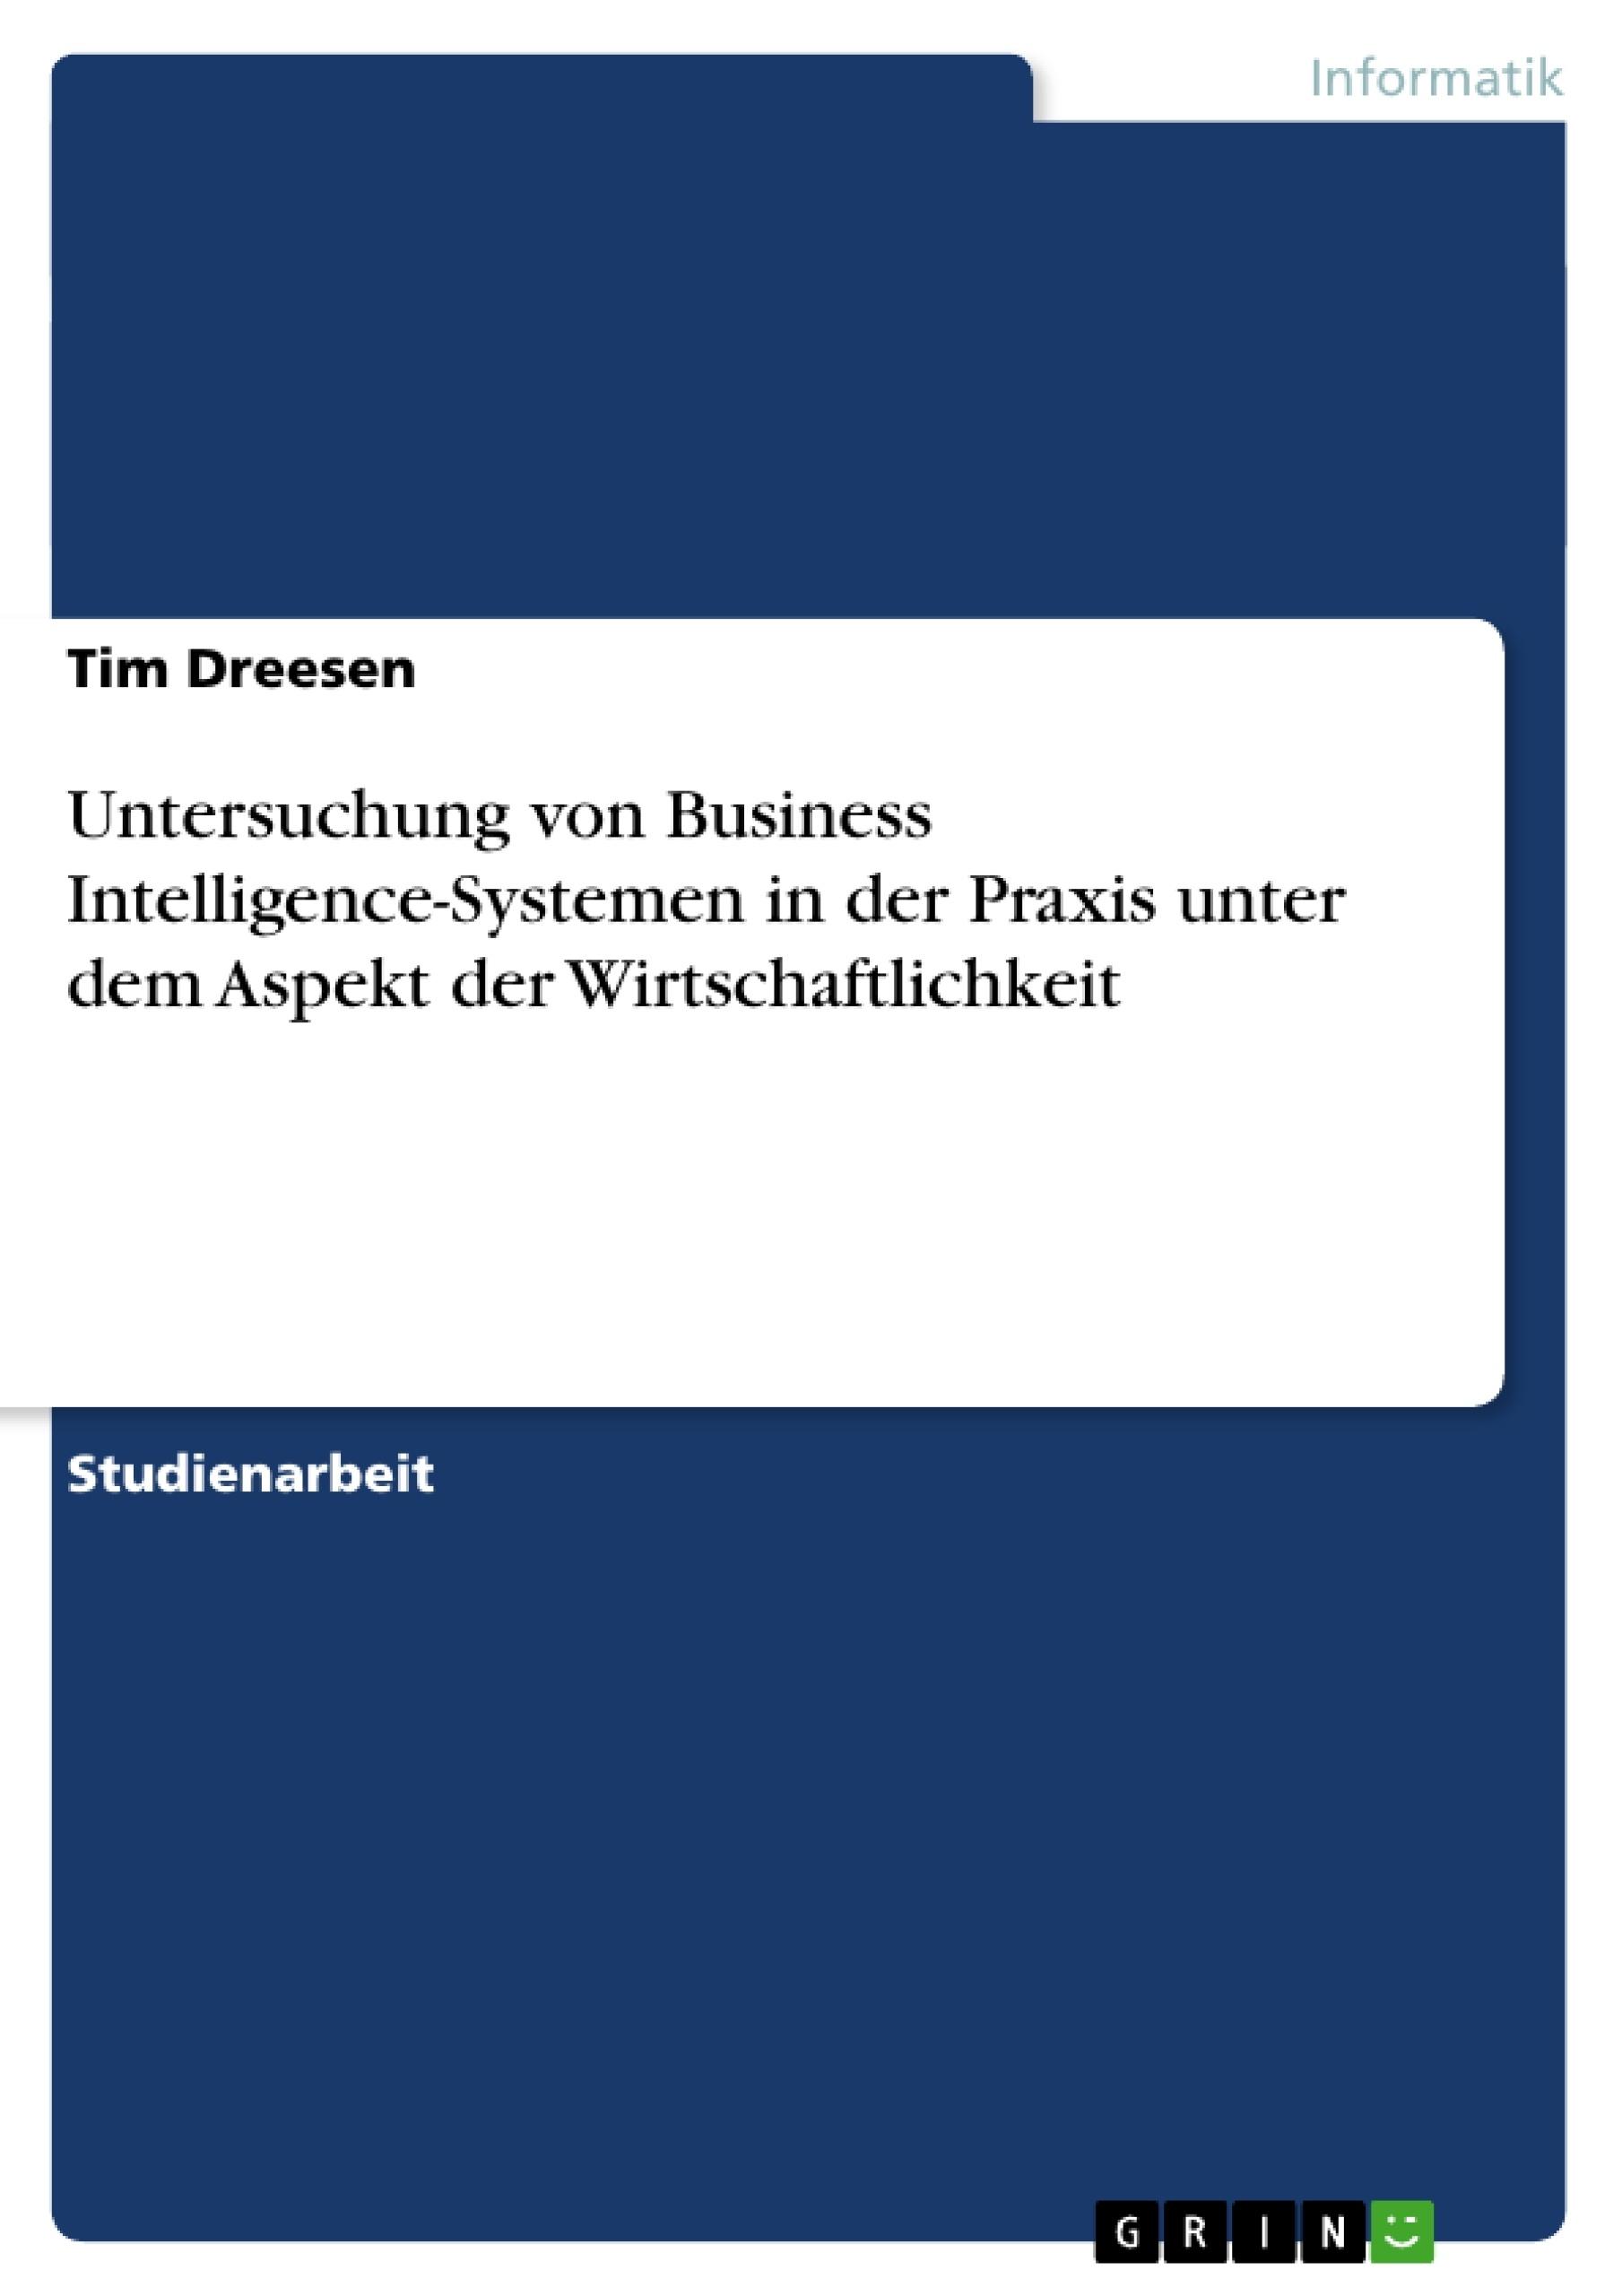 Titel: Untersuchung von Business Intelligence-Systemen in der Praxis unter dem Aspekt der Wirtschaftlichkeit